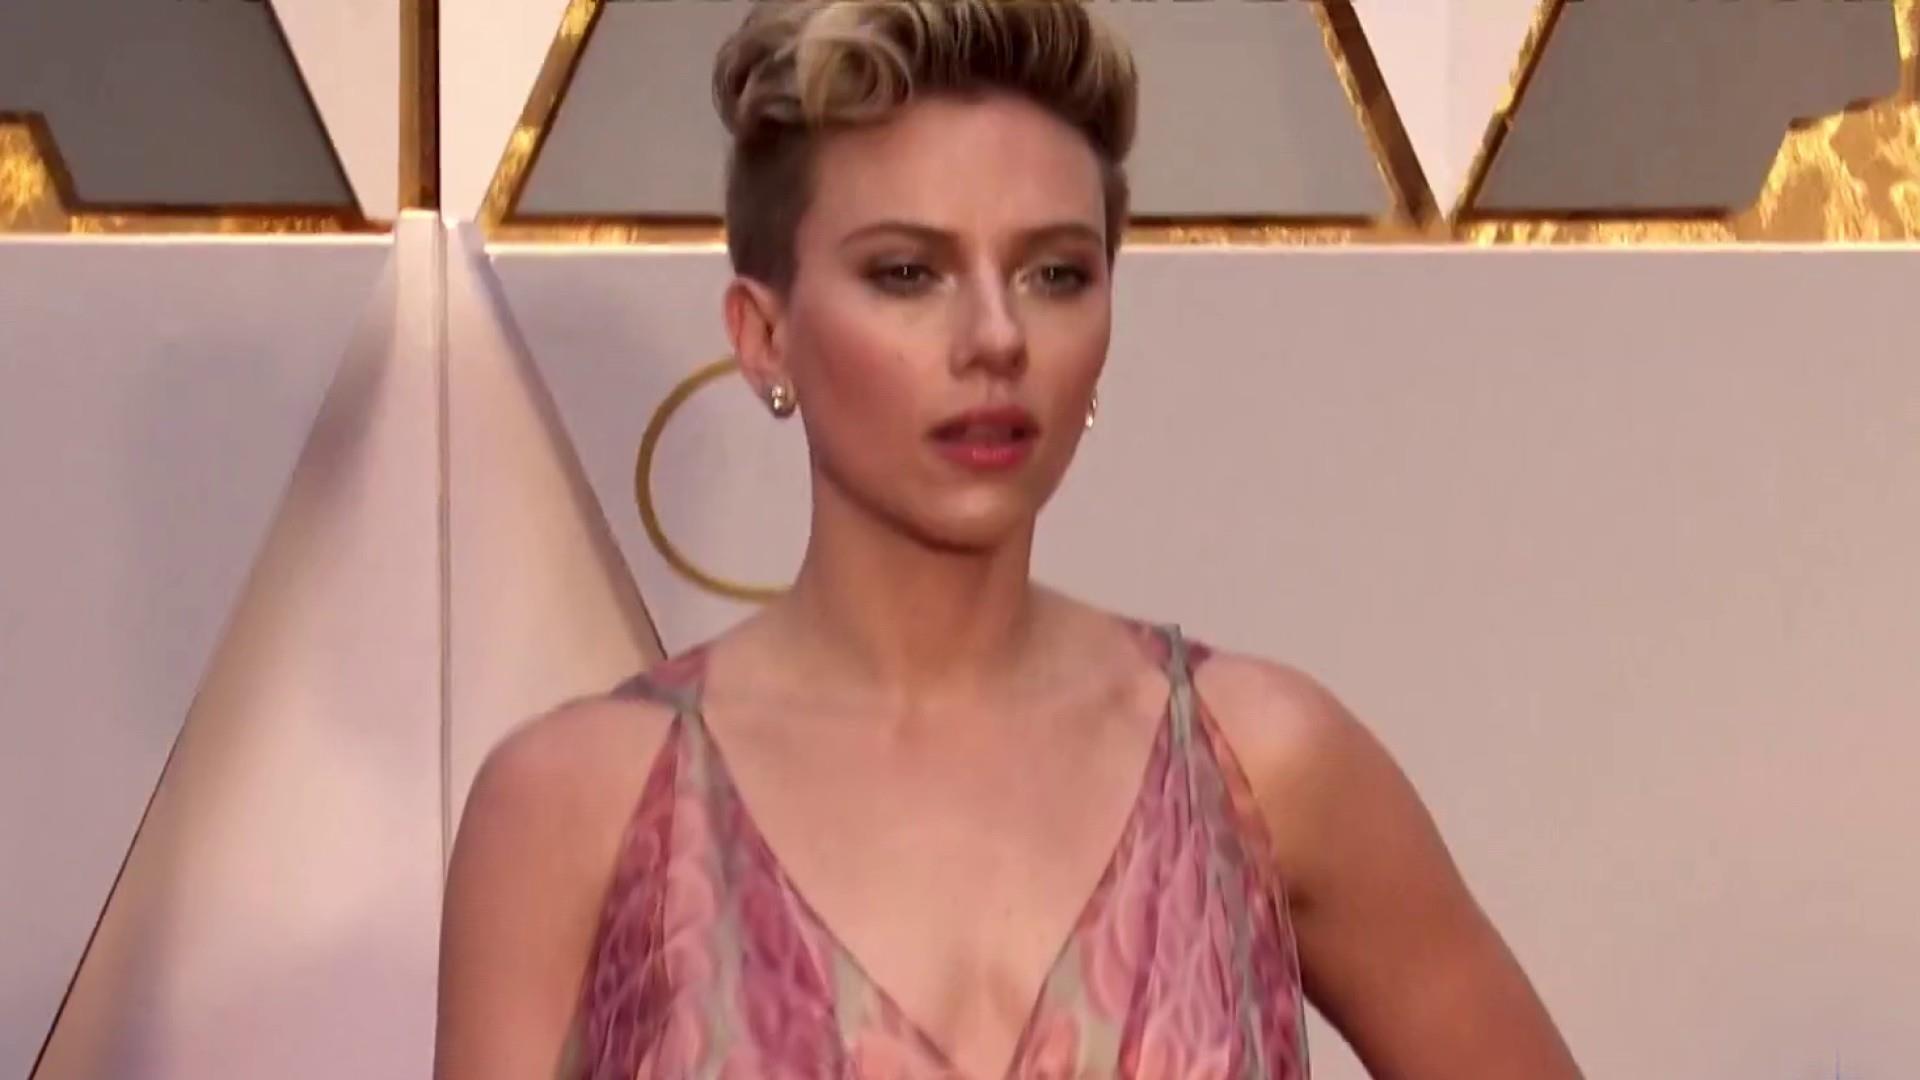 Poll Britney Spears Vs Scarlett Johansson Naked 37 Images-4874